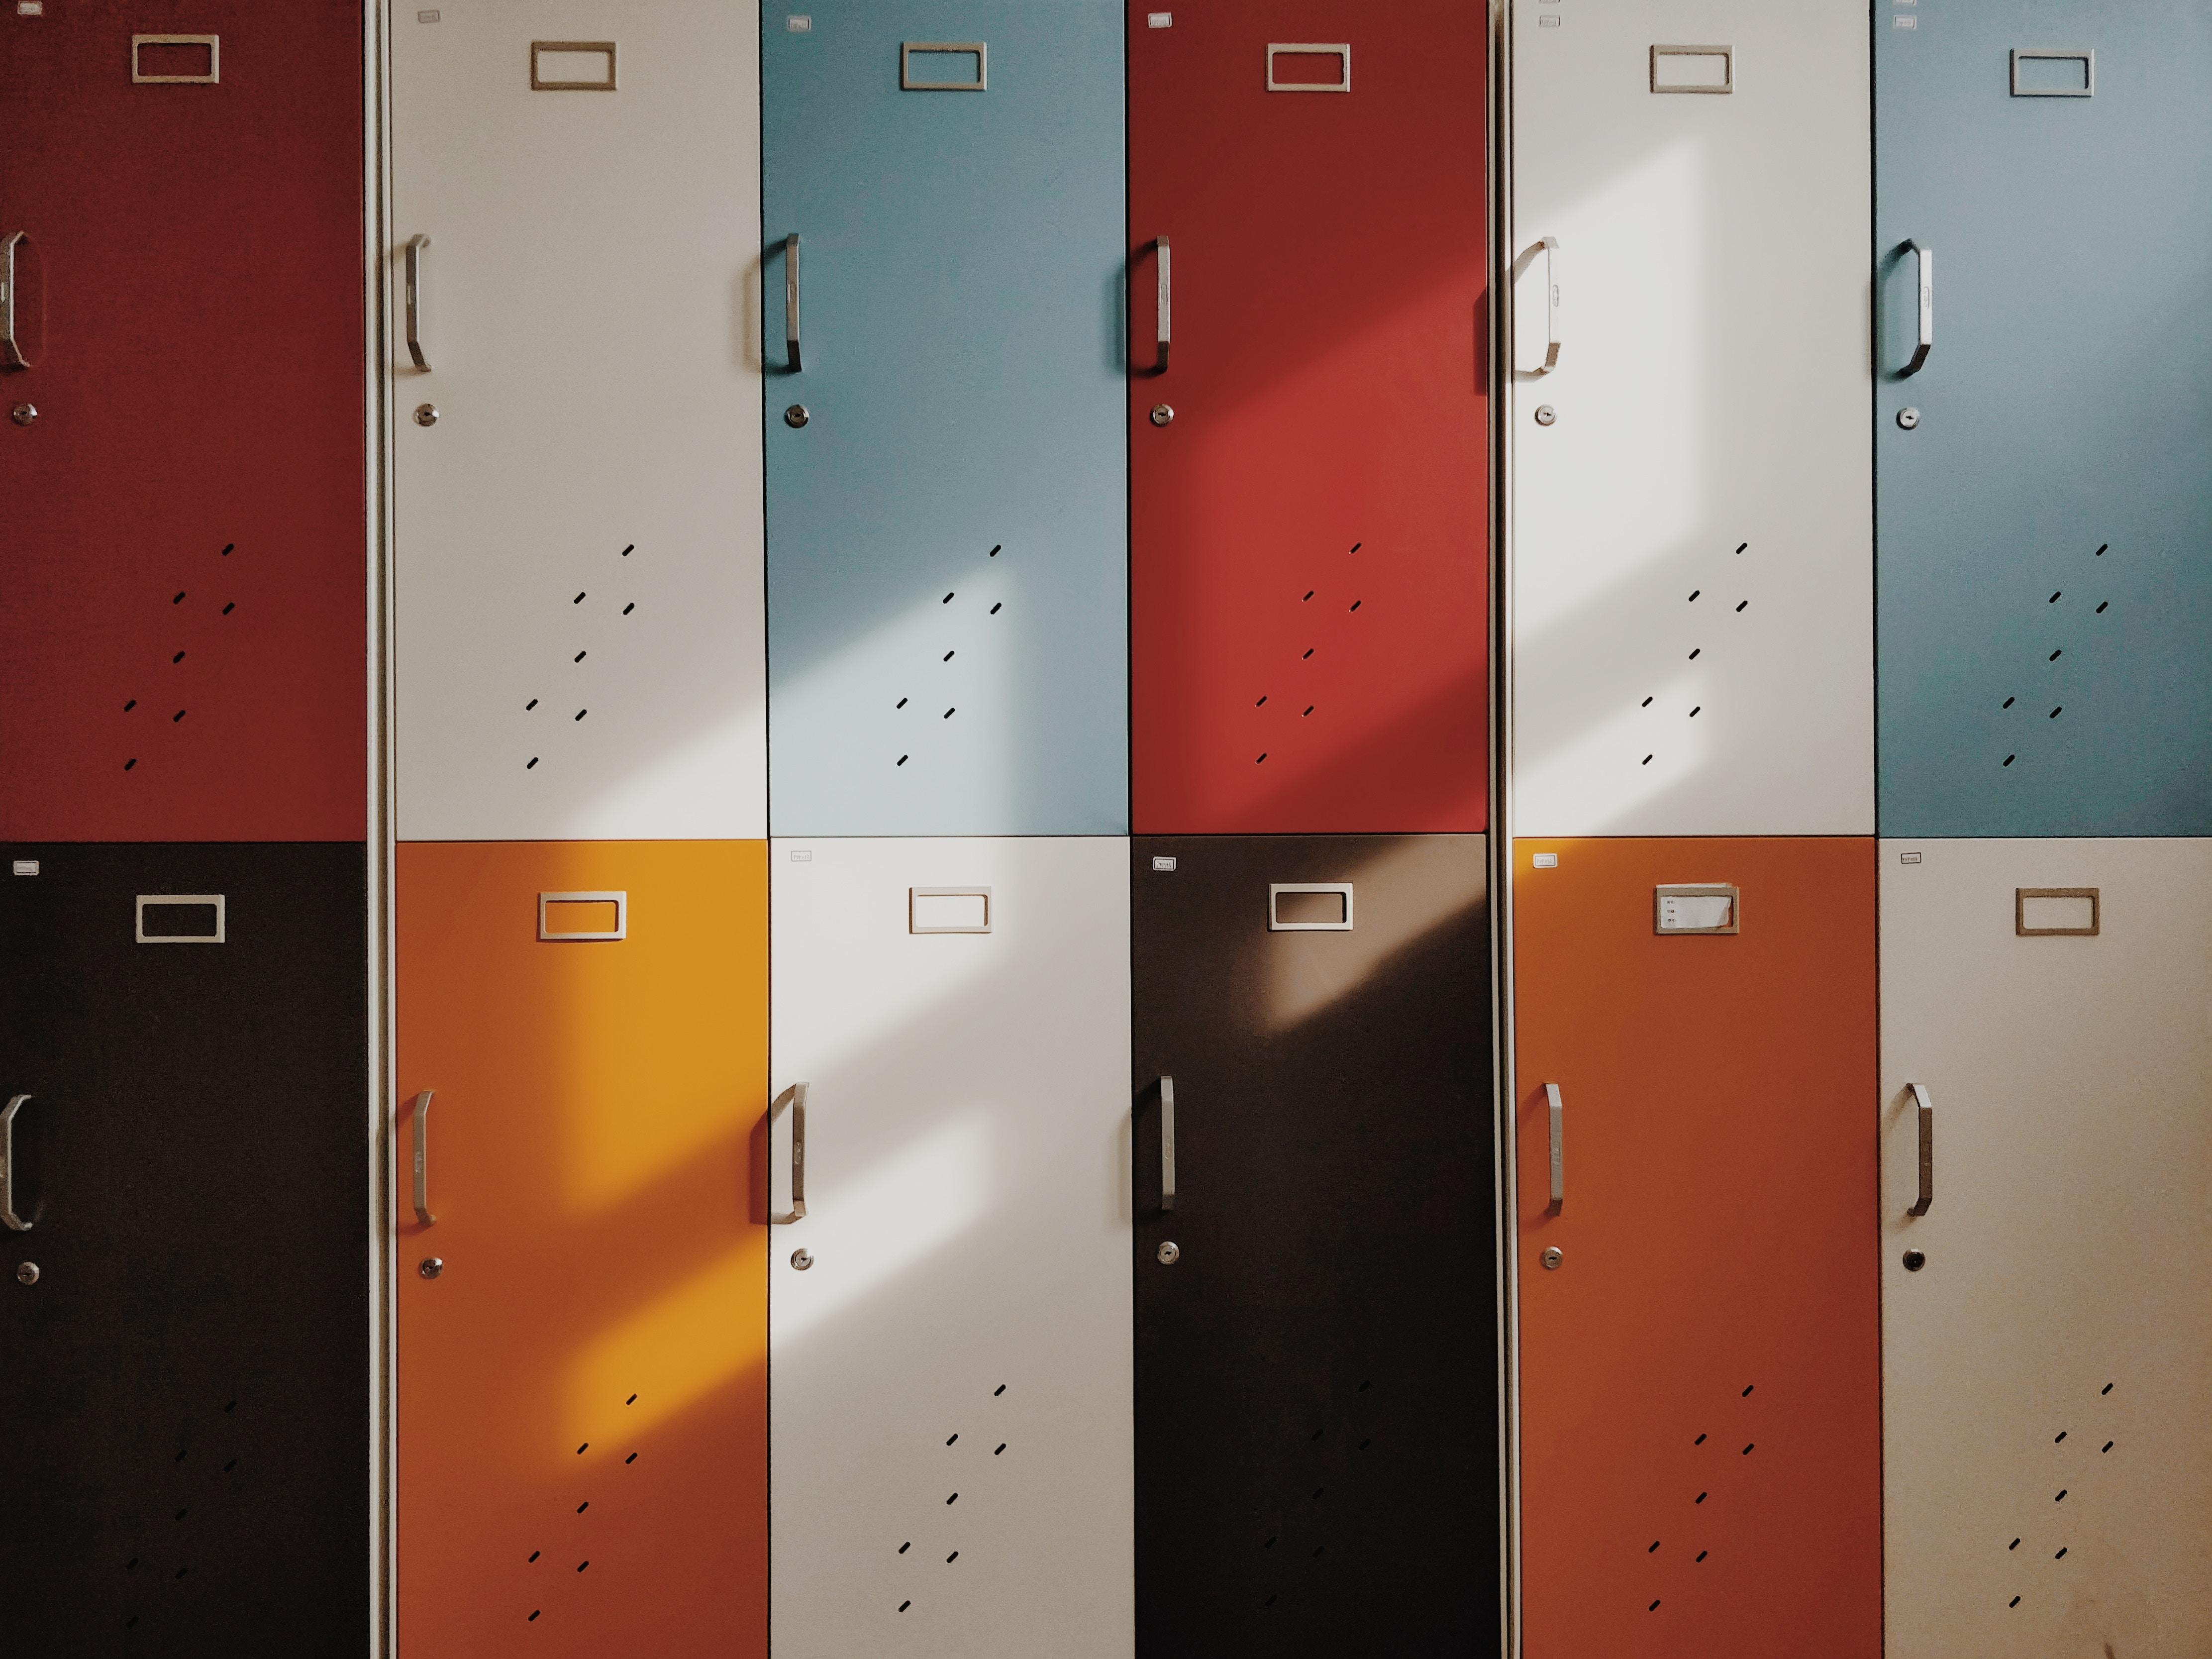 97649 Hintergrundbild herunterladen Mehrfarbig, Motley, Minimalismus, Retro, Türen, Tür, Schließfächer - Bildschirmschoner und Bilder kostenlos